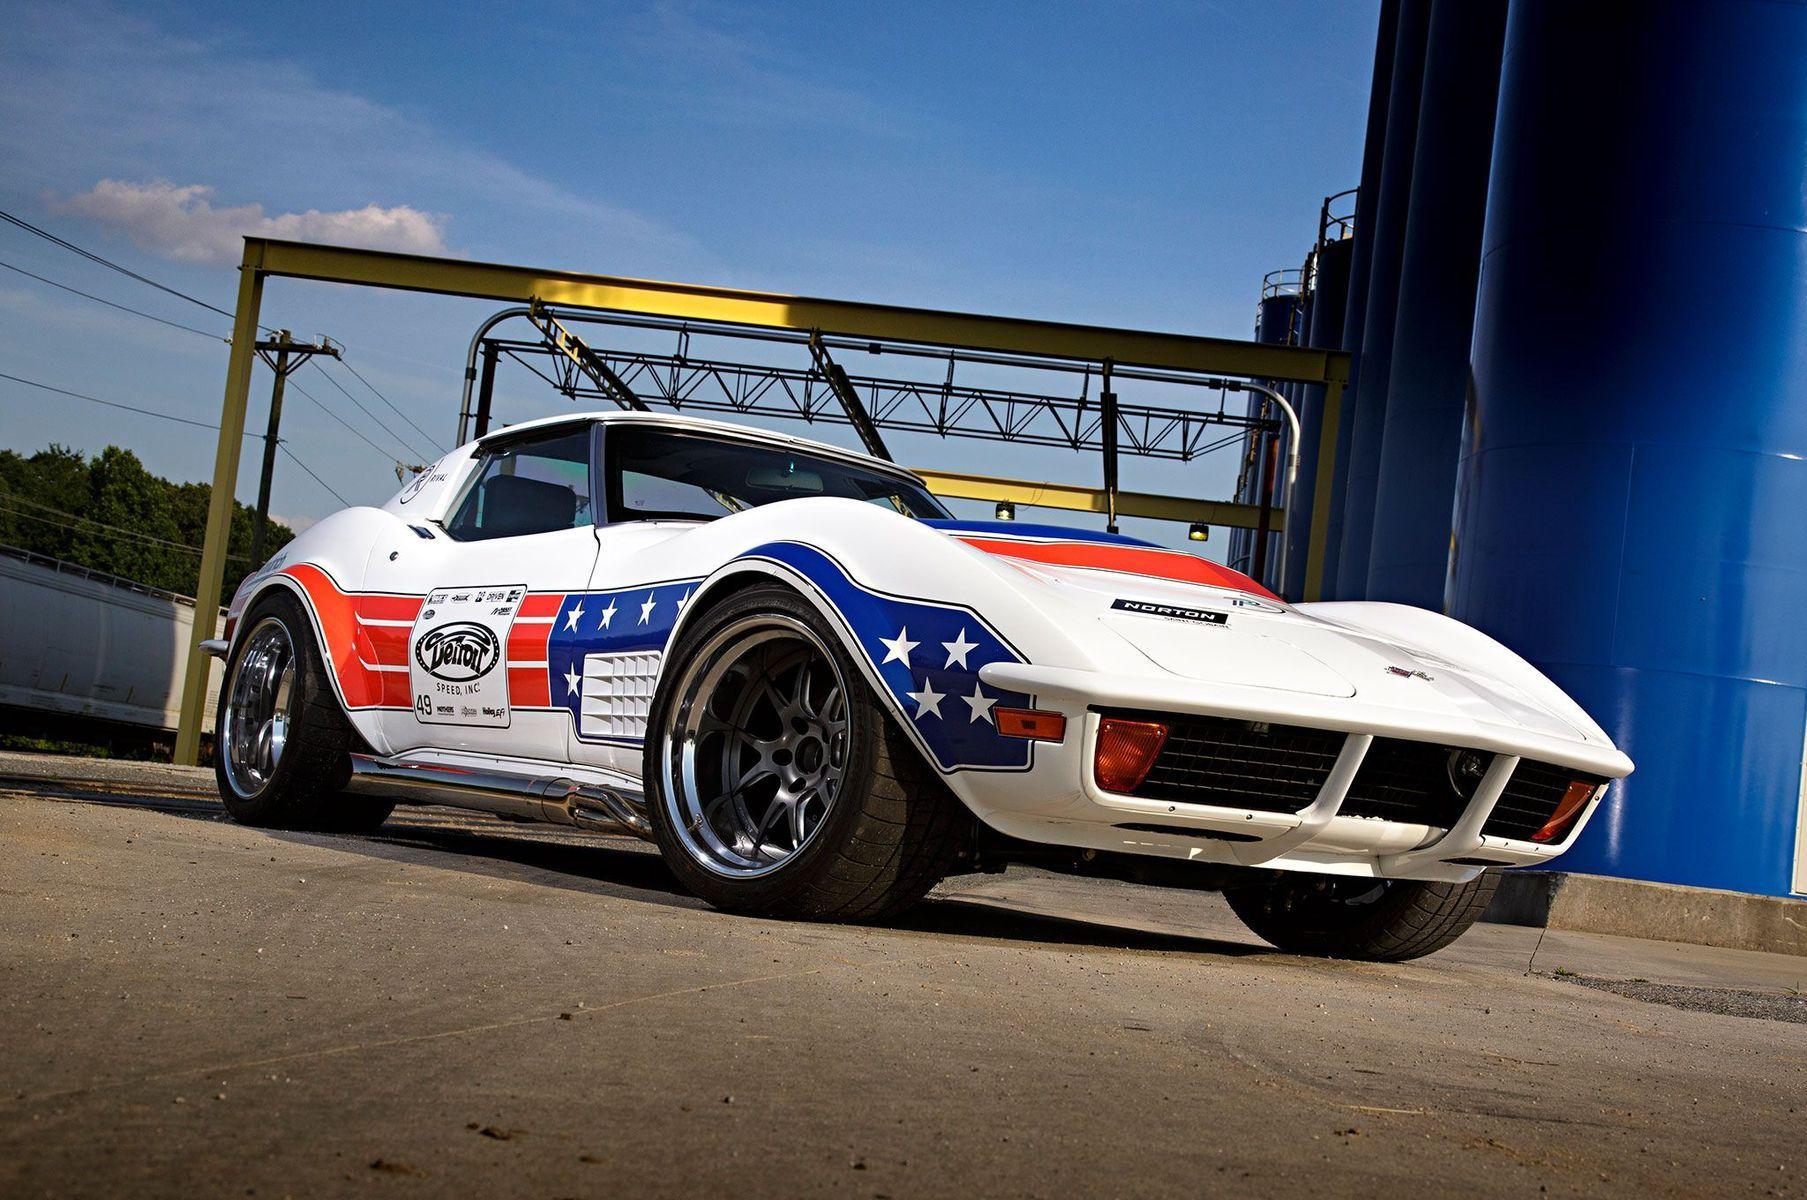 1972 Chevrolet Corvette Stingray | Detroit Speed's '72 Corvette on Forgeline GA3R Wheels